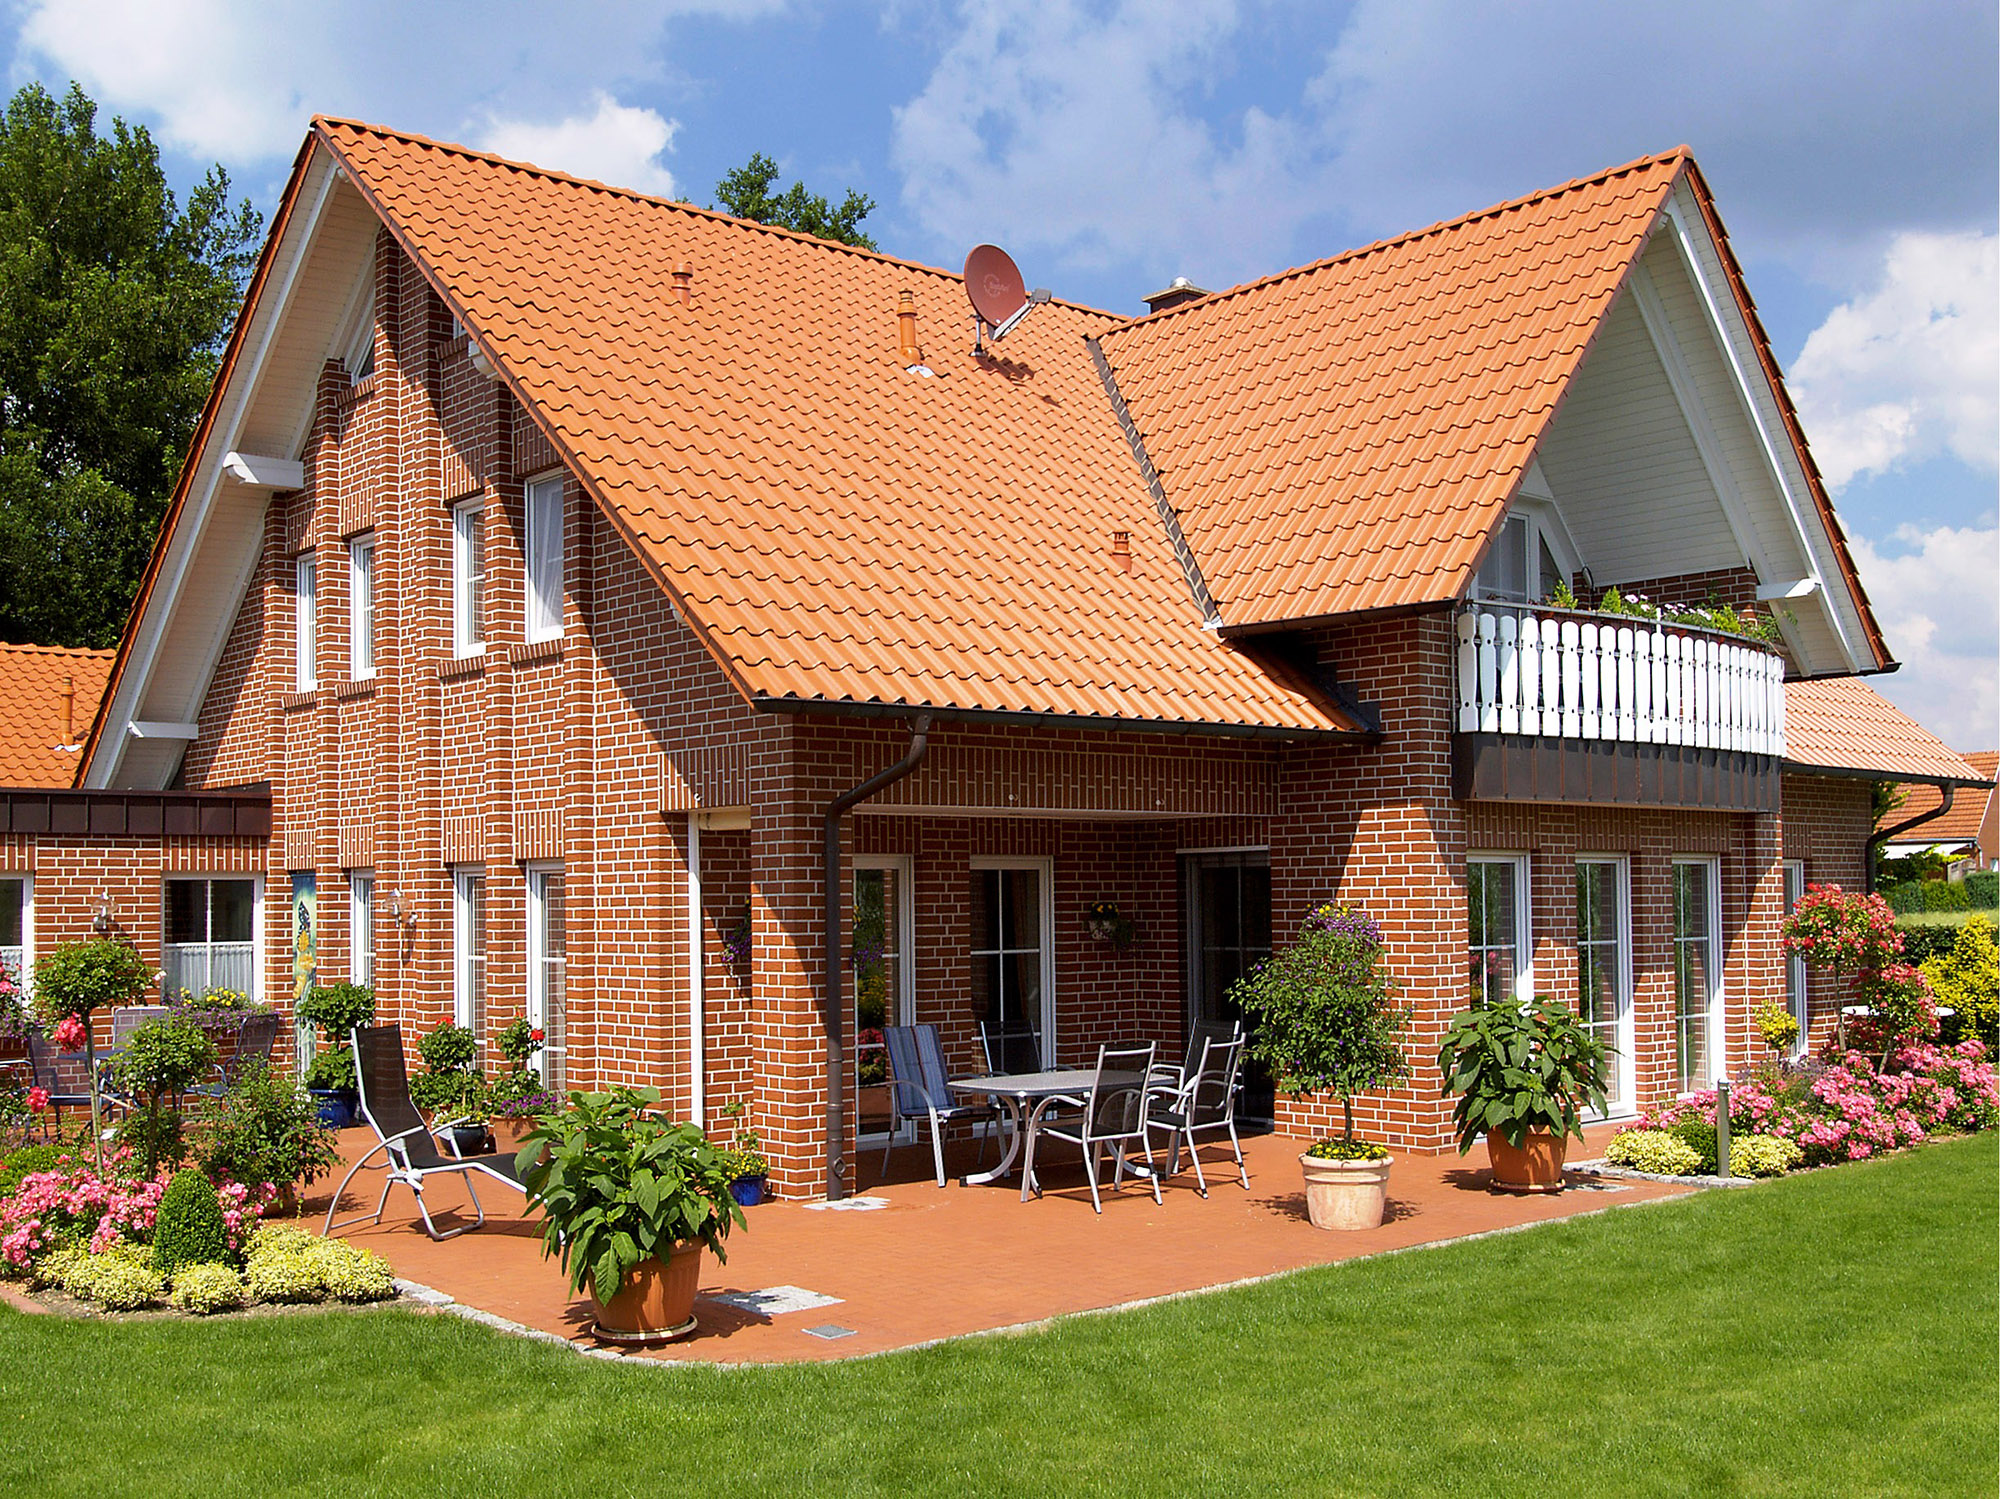 Красивая кирпичная облицовка двухэтажного дома